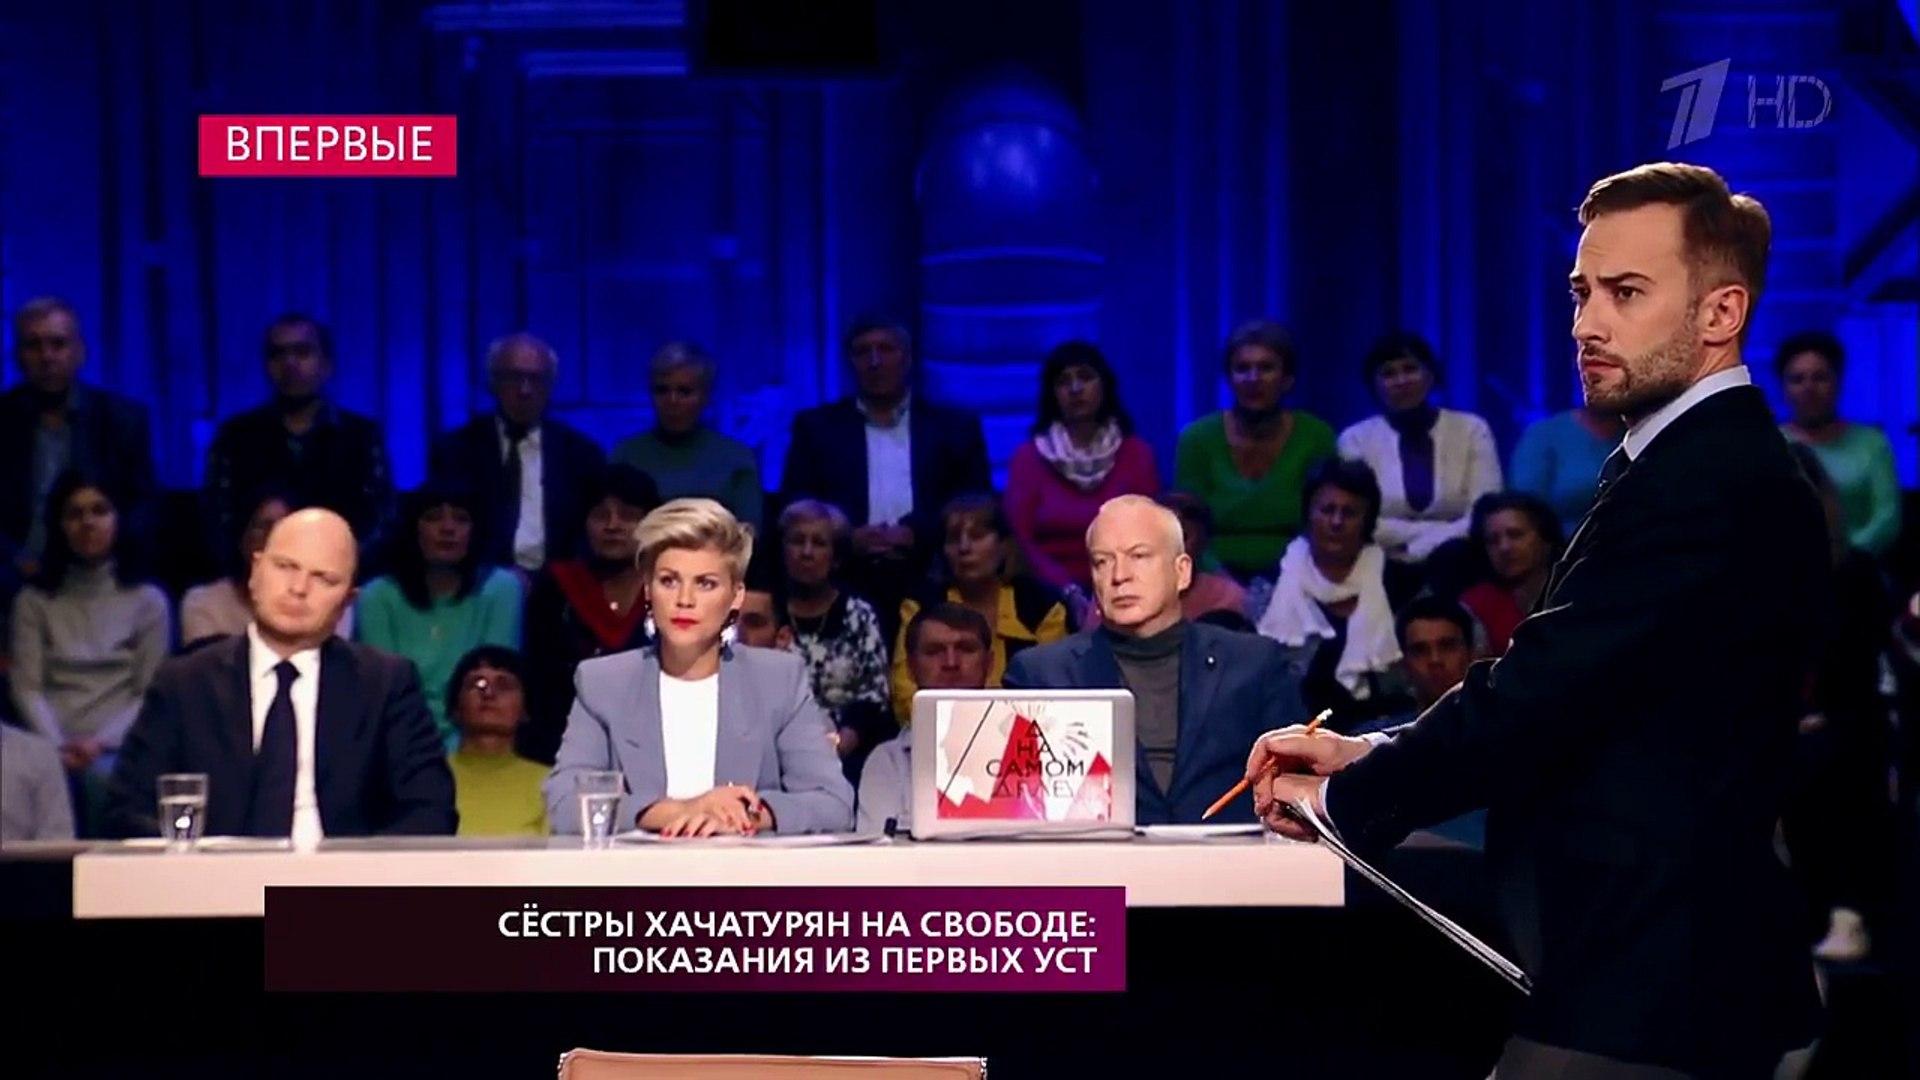 На самом деле - Сестры Хачатурян на свободе: показания из первых уст. Выпуск от 16.10.2018